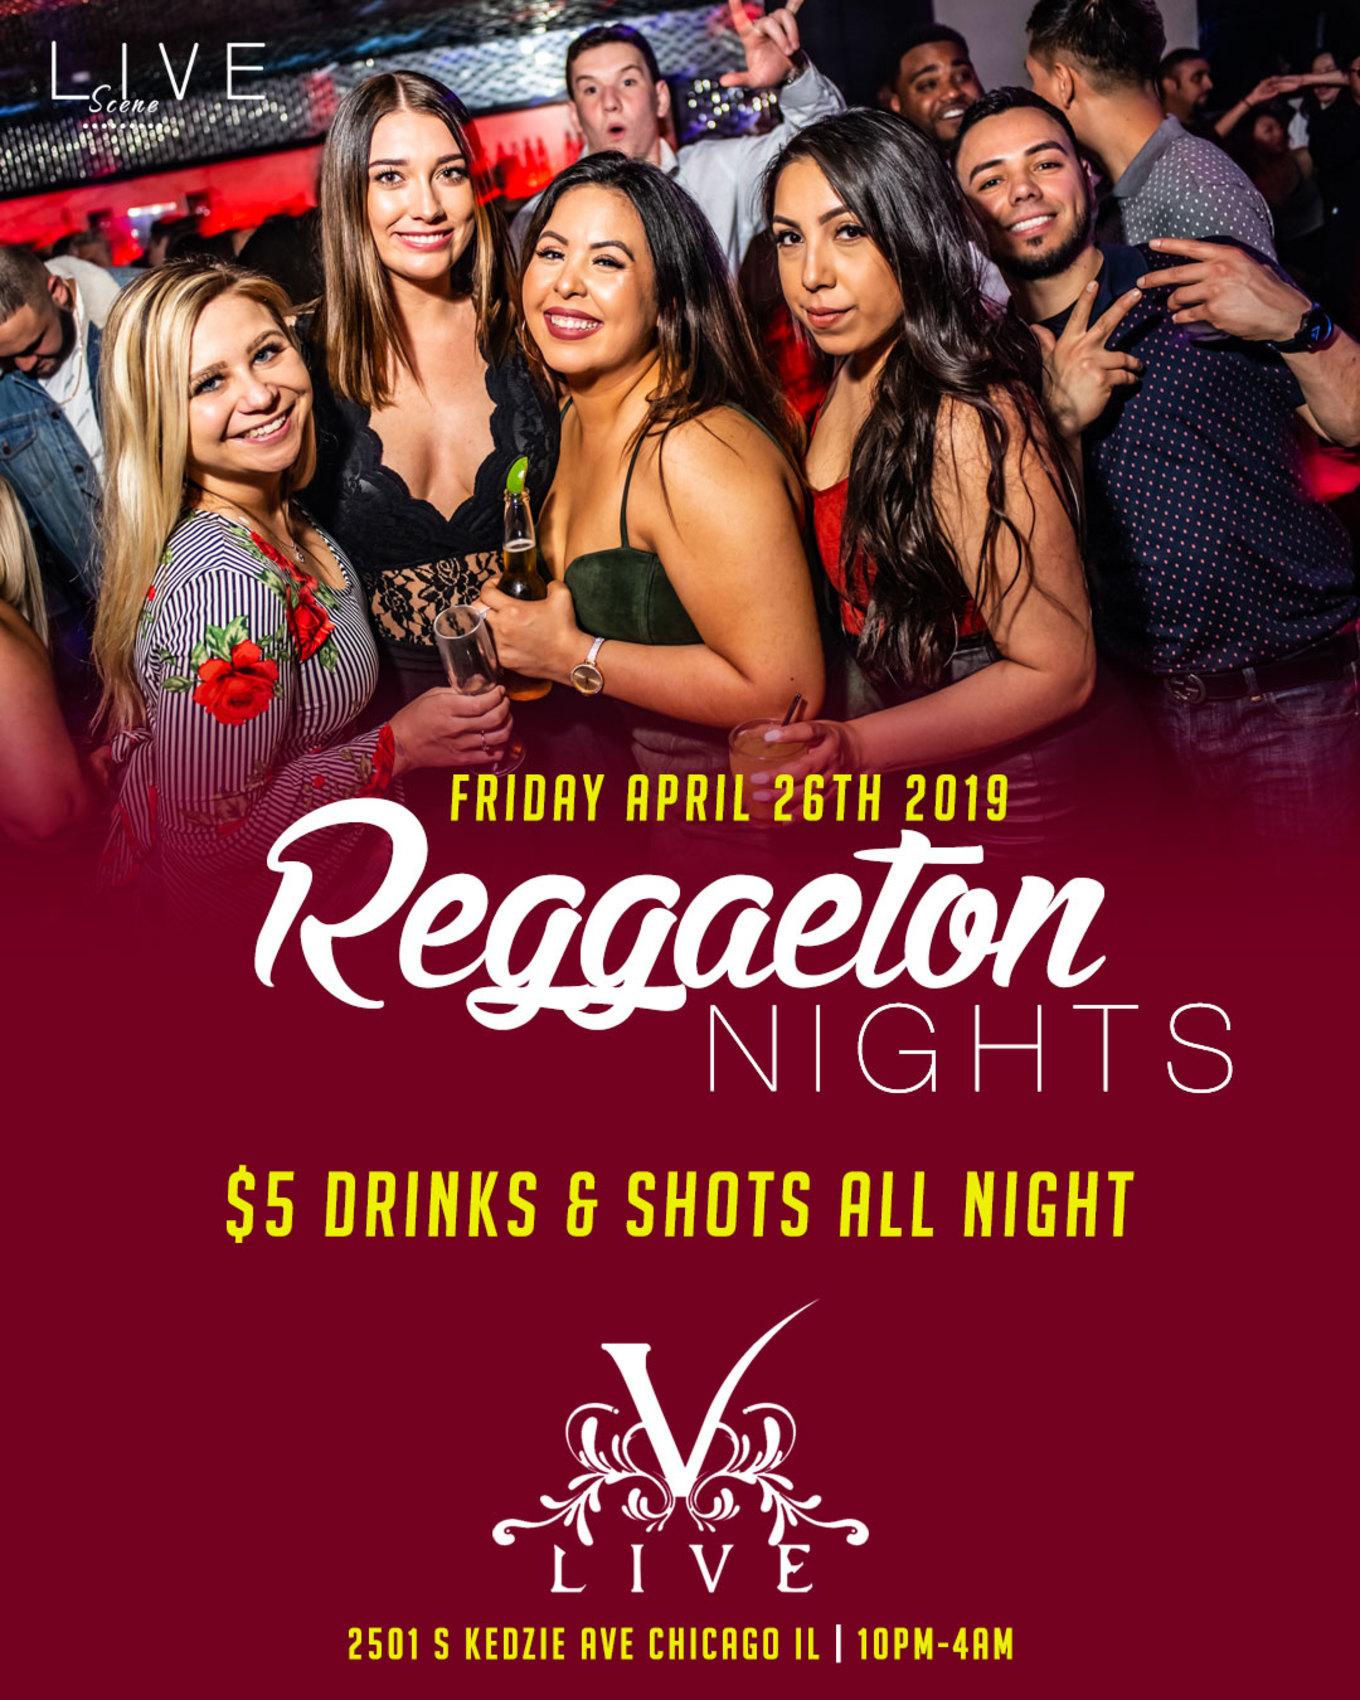 Reggaeton Nights - Tickets - V-Live Chicago, Chicago, IL